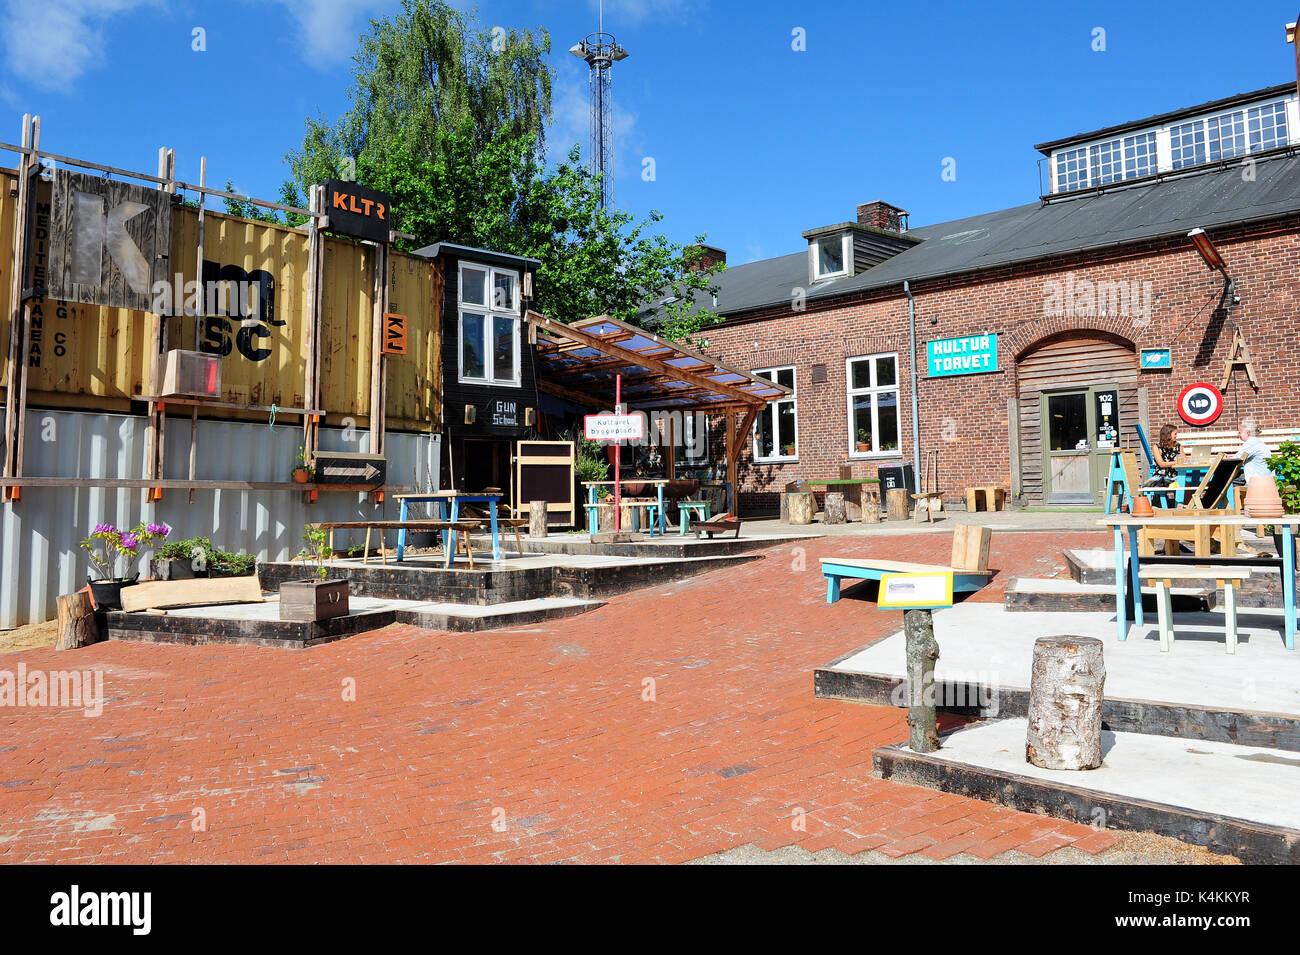 Godsbanen, ein Zentrum für die kulturelle Produktion in Aarhus, Dänemark. Stockbild